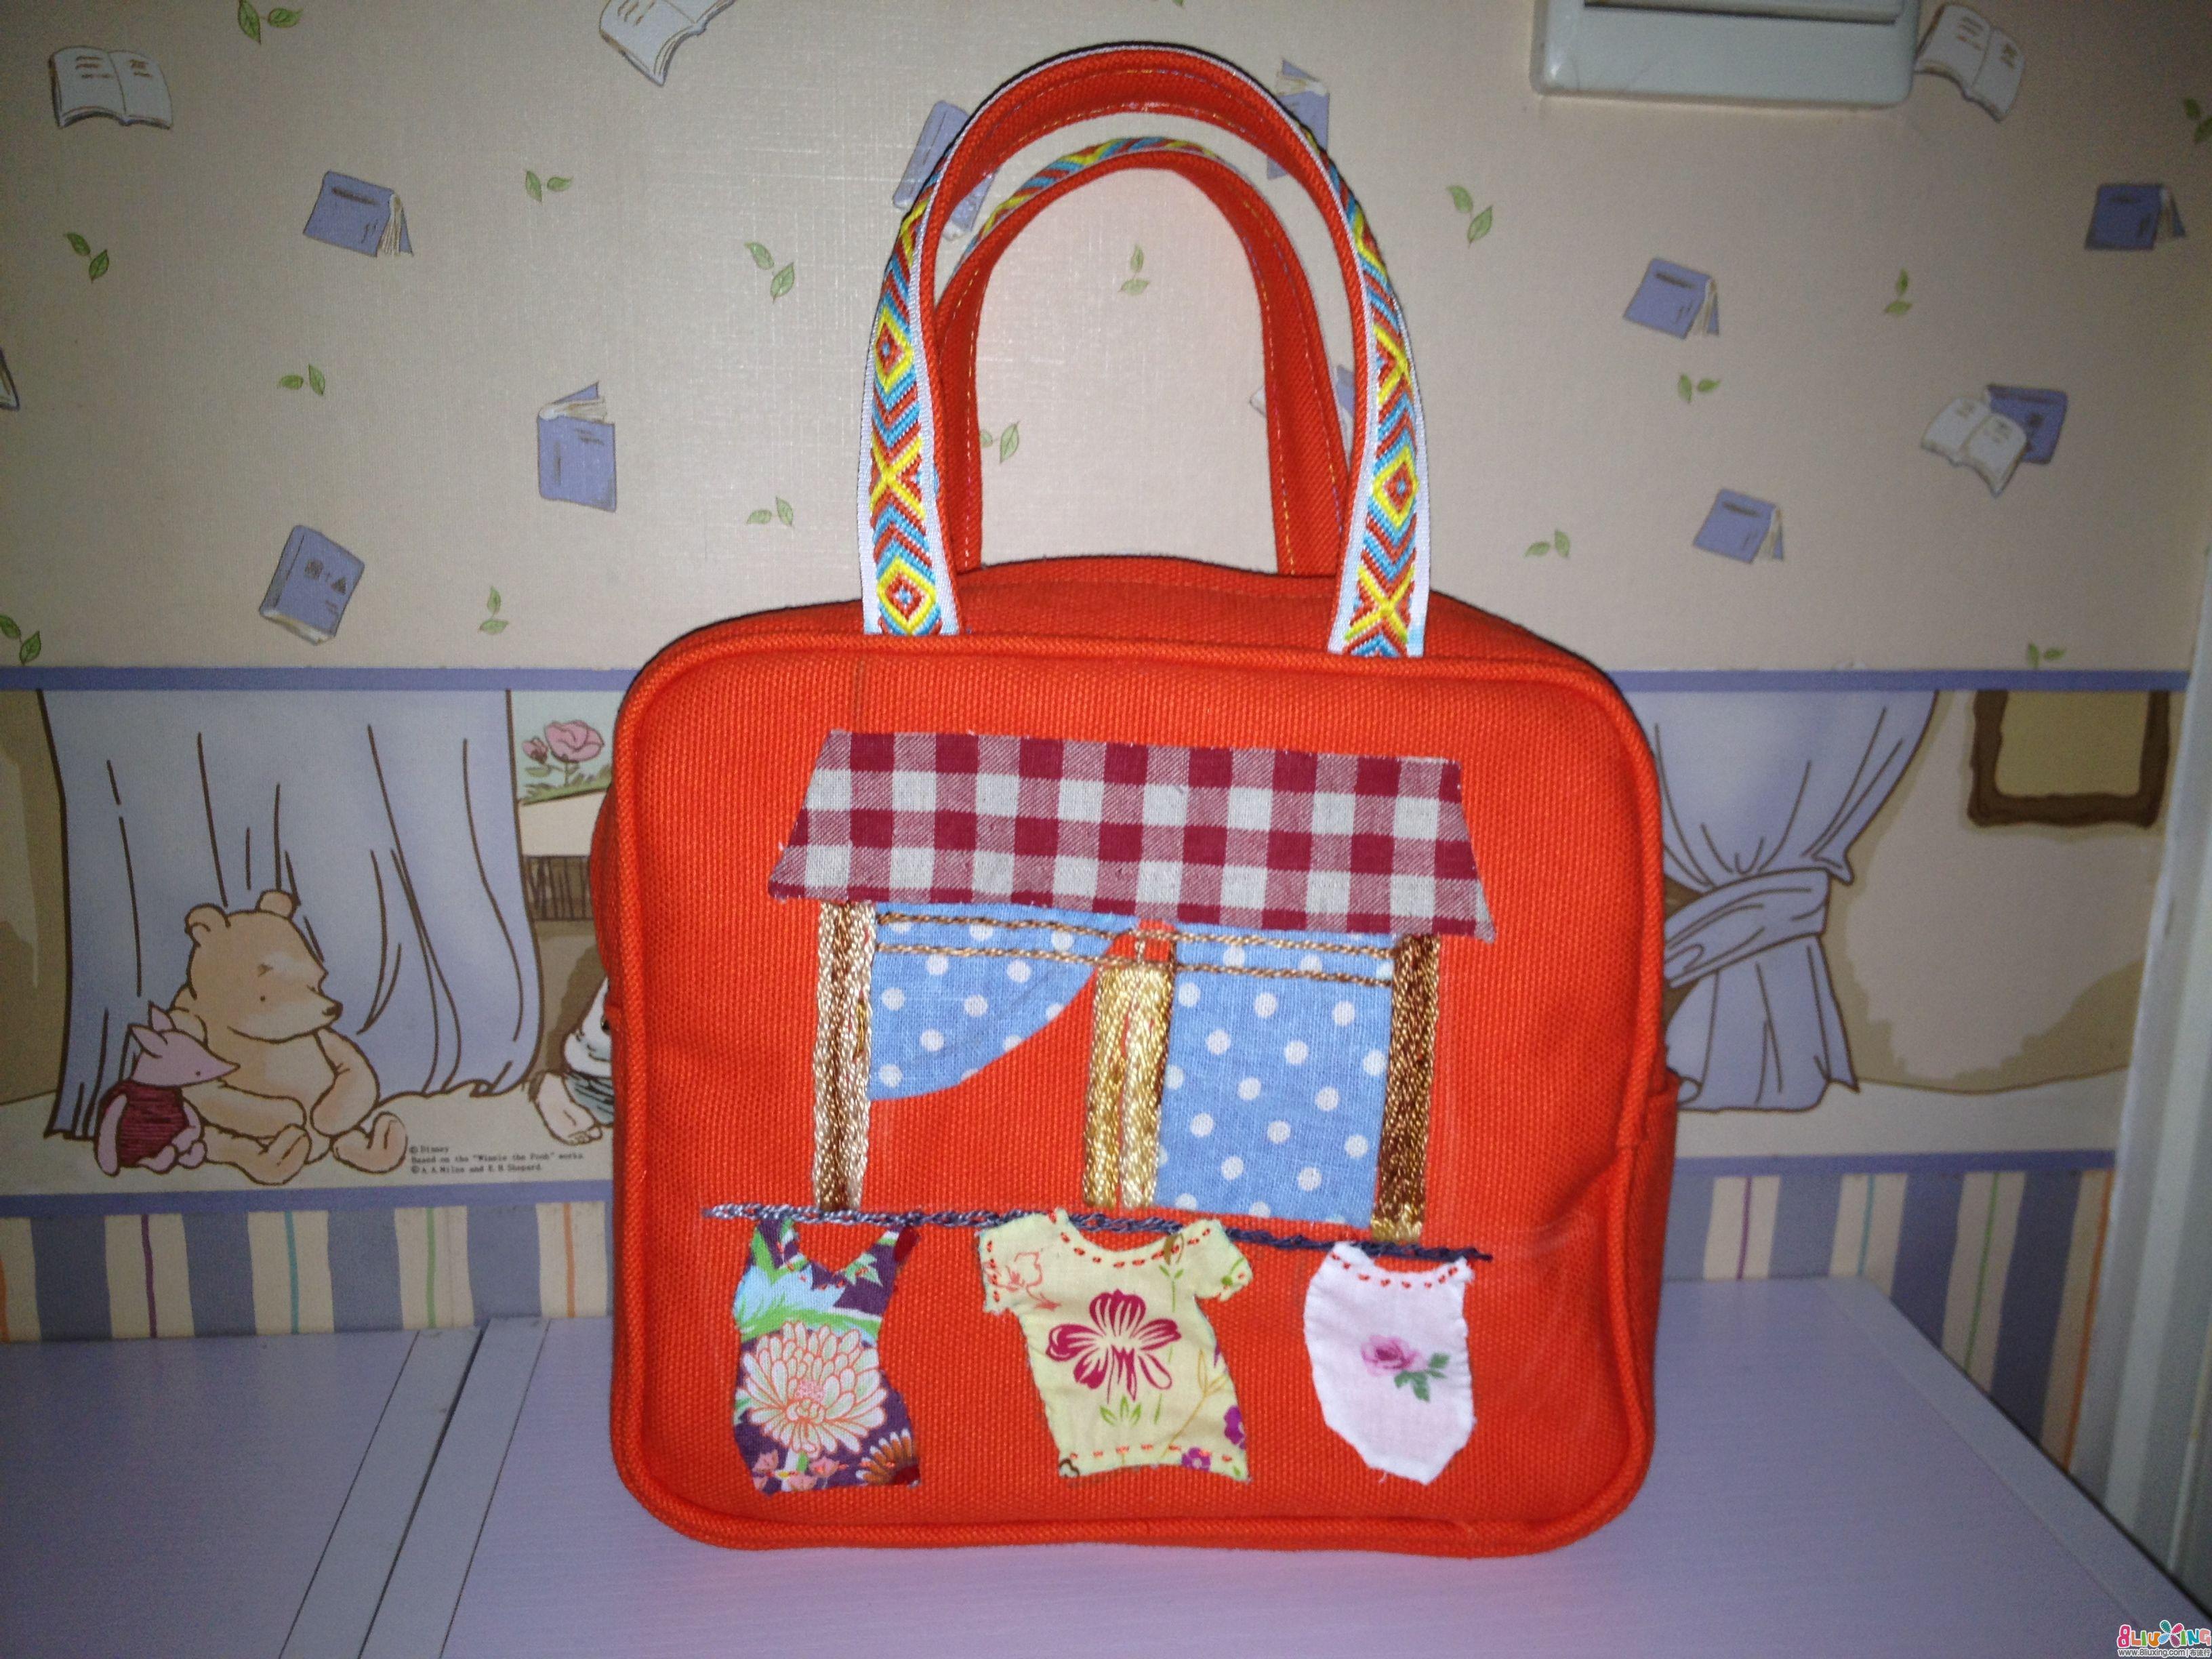 幼儿手工手提包做法_幼儿手工制作手提包图片